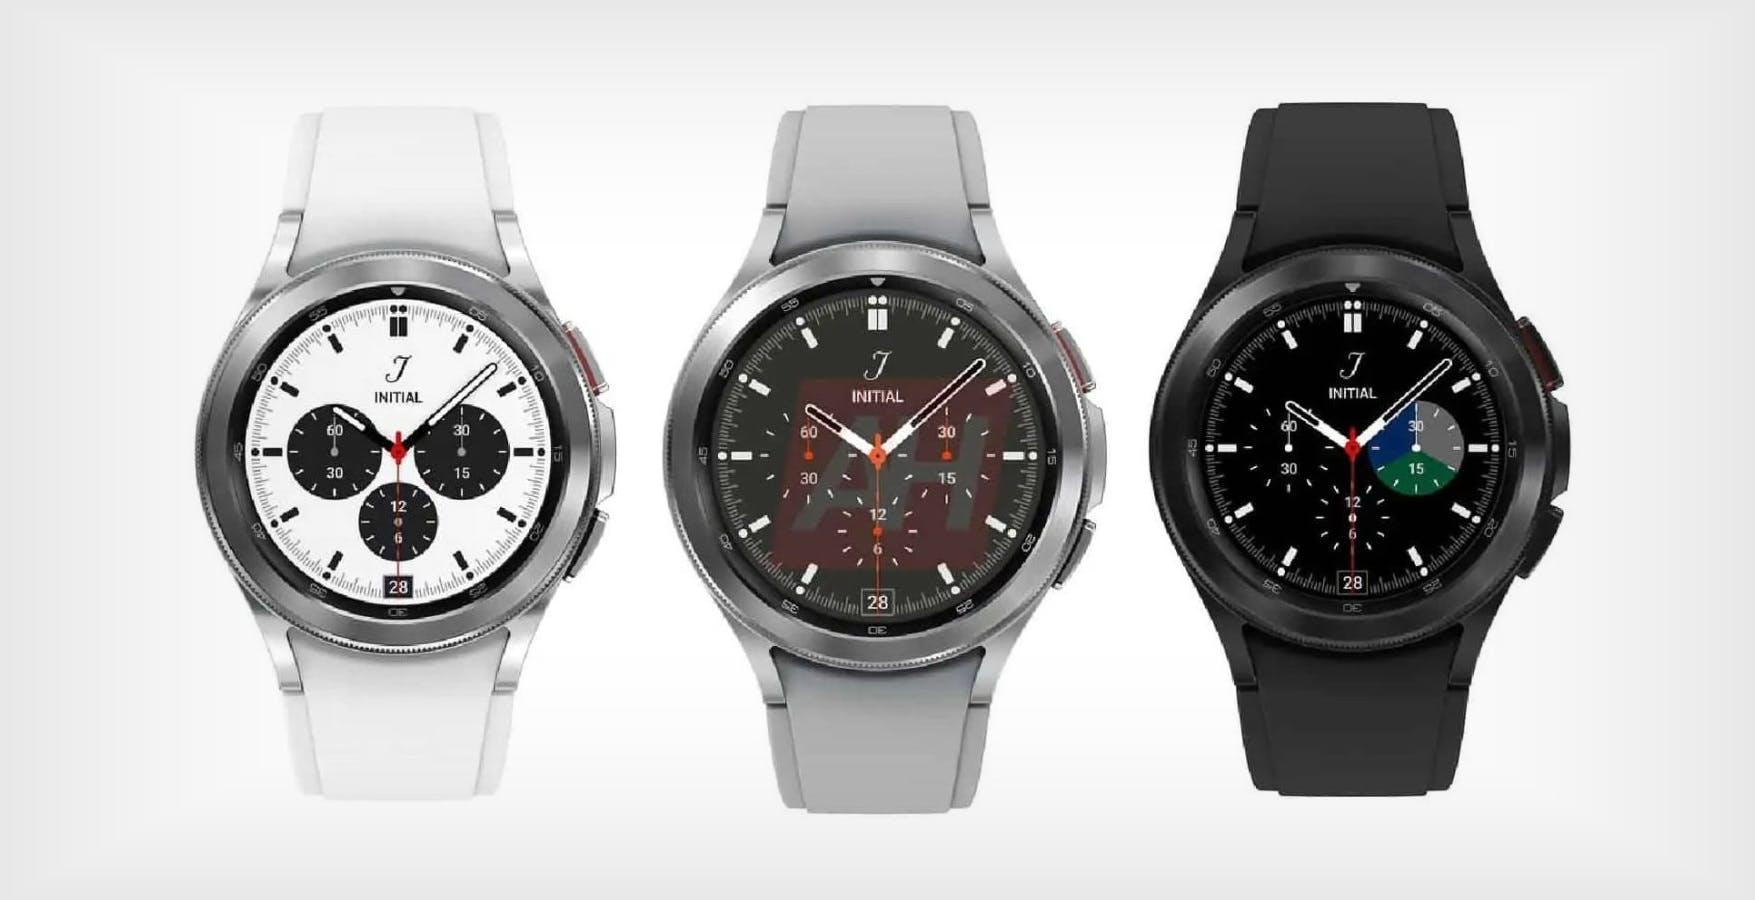 Ecco il Galaxy Watch 4 Classic, lo smartwatch di Samsung che guarda anche all'estetica